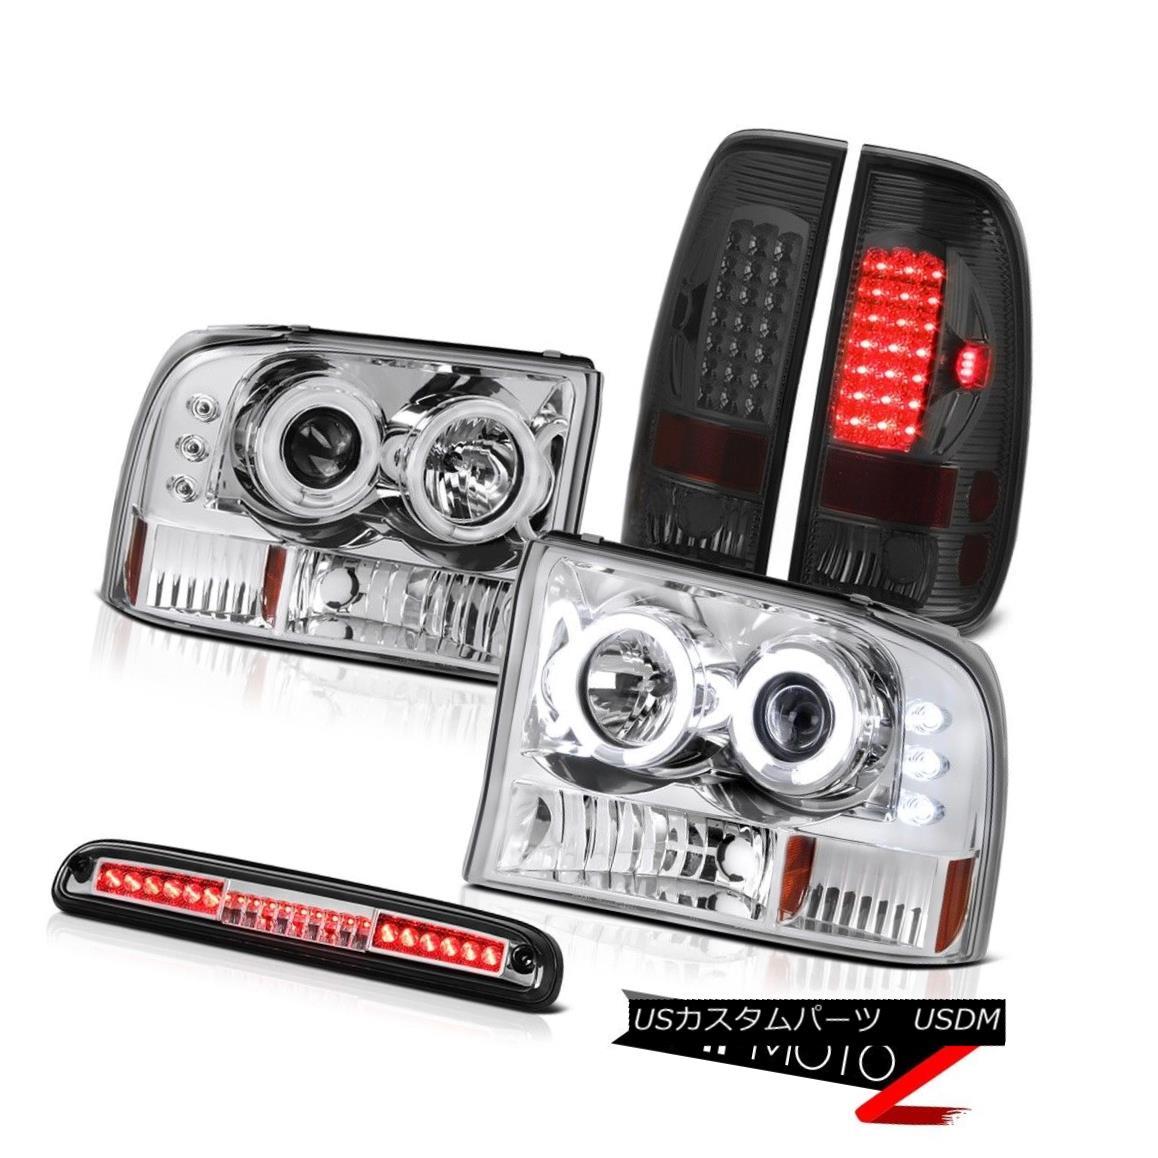 テールライト Euro CCFL Headlights Tail Light Smoke Roof Brake LED 99 00 01 02 03 04 F250 6.8L ユーロCCFLヘッドライトテールライトスモークルーフブレーキLED 99 00 01 02 03 04 F250 6.8L